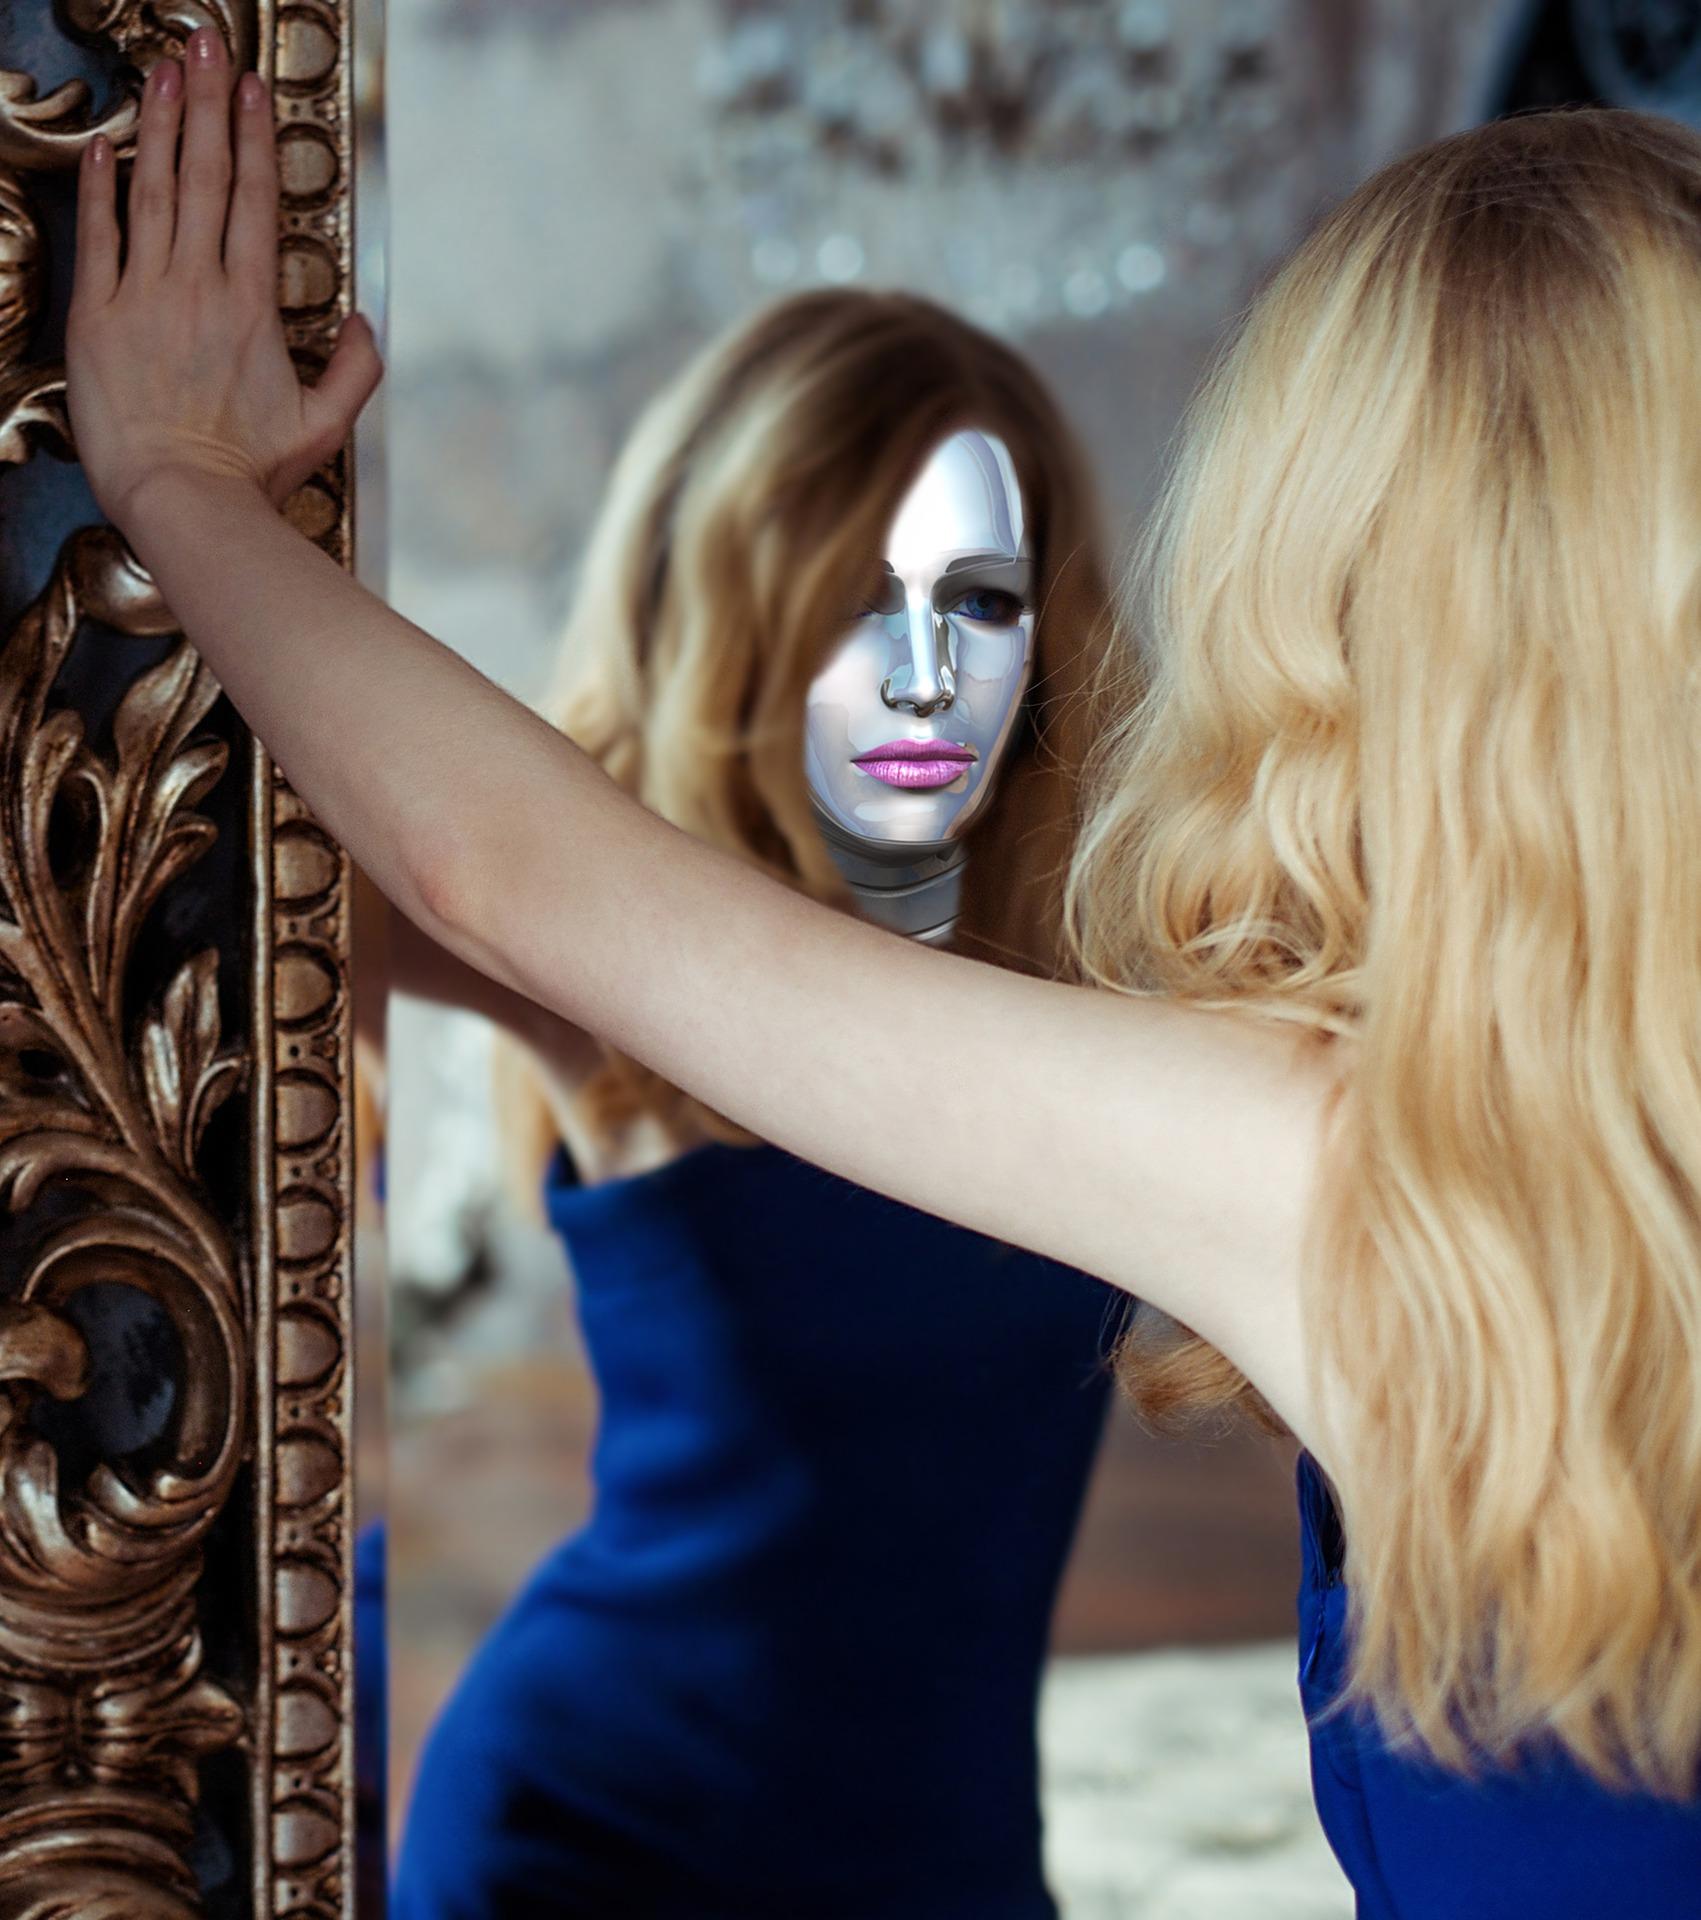 Egy nő tükör előtt, a tükörképén maszk van